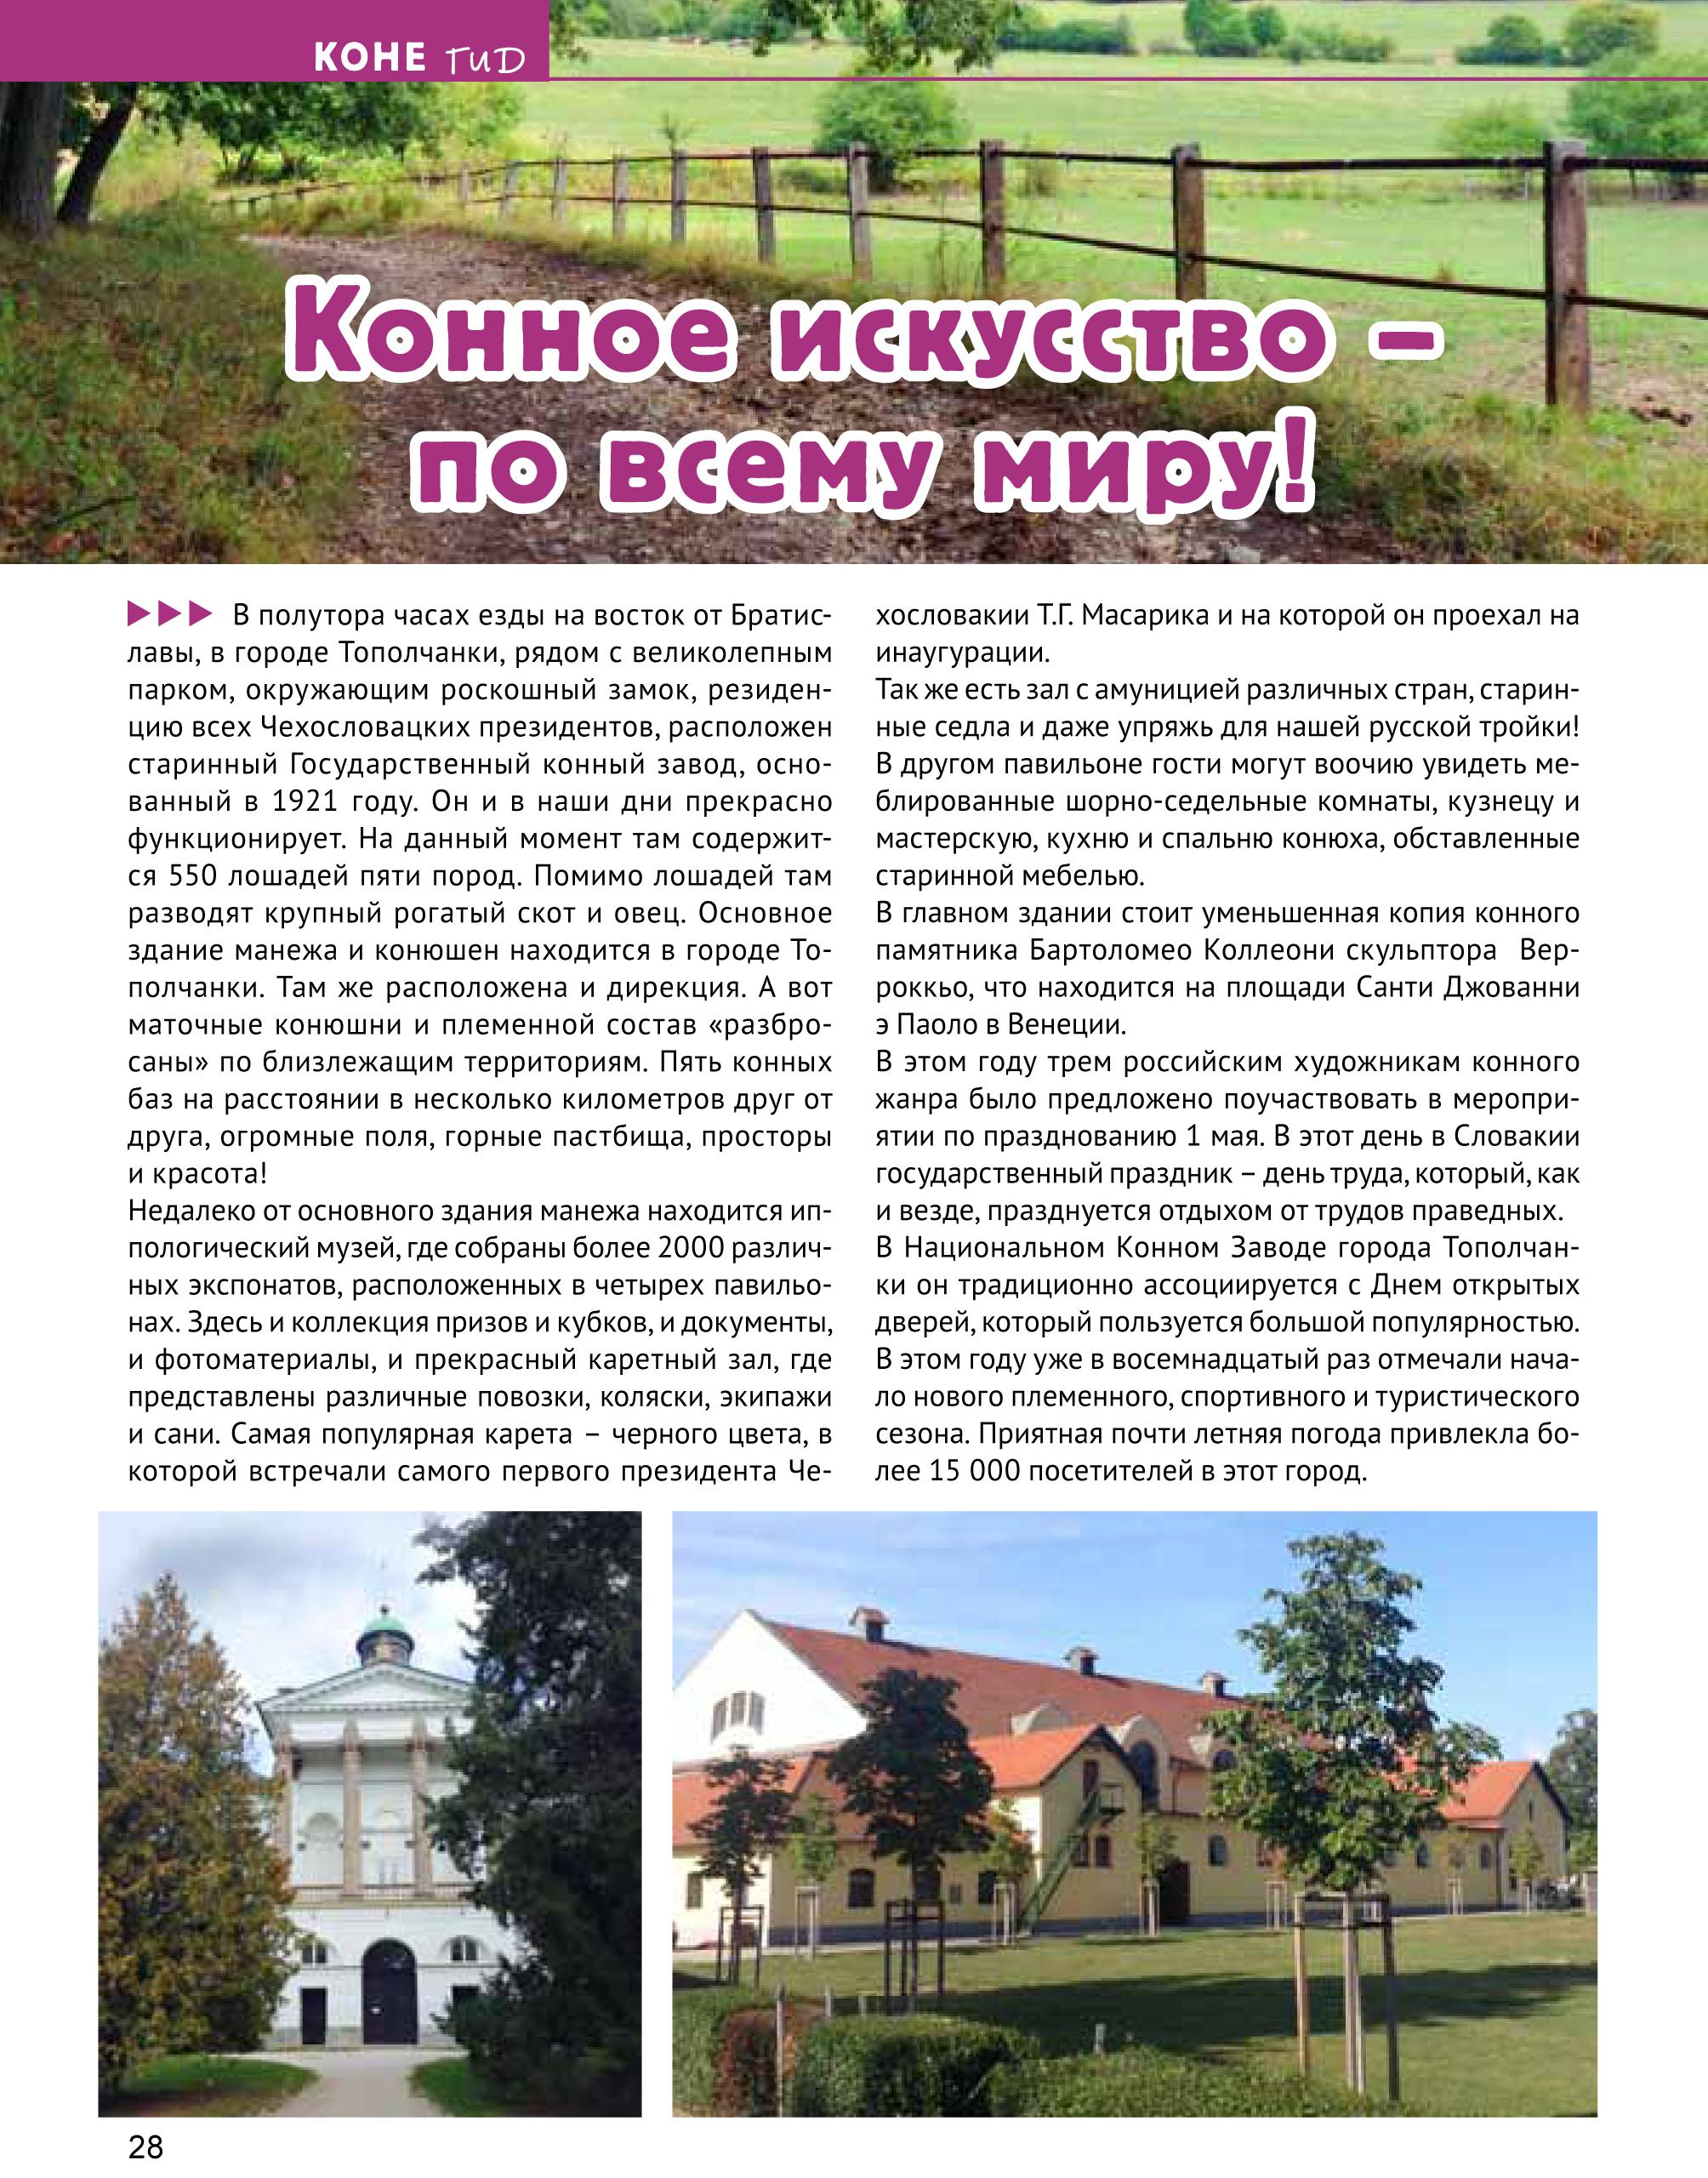 Book КОНЕВОДИТЕЛЬ 4_ proof-28